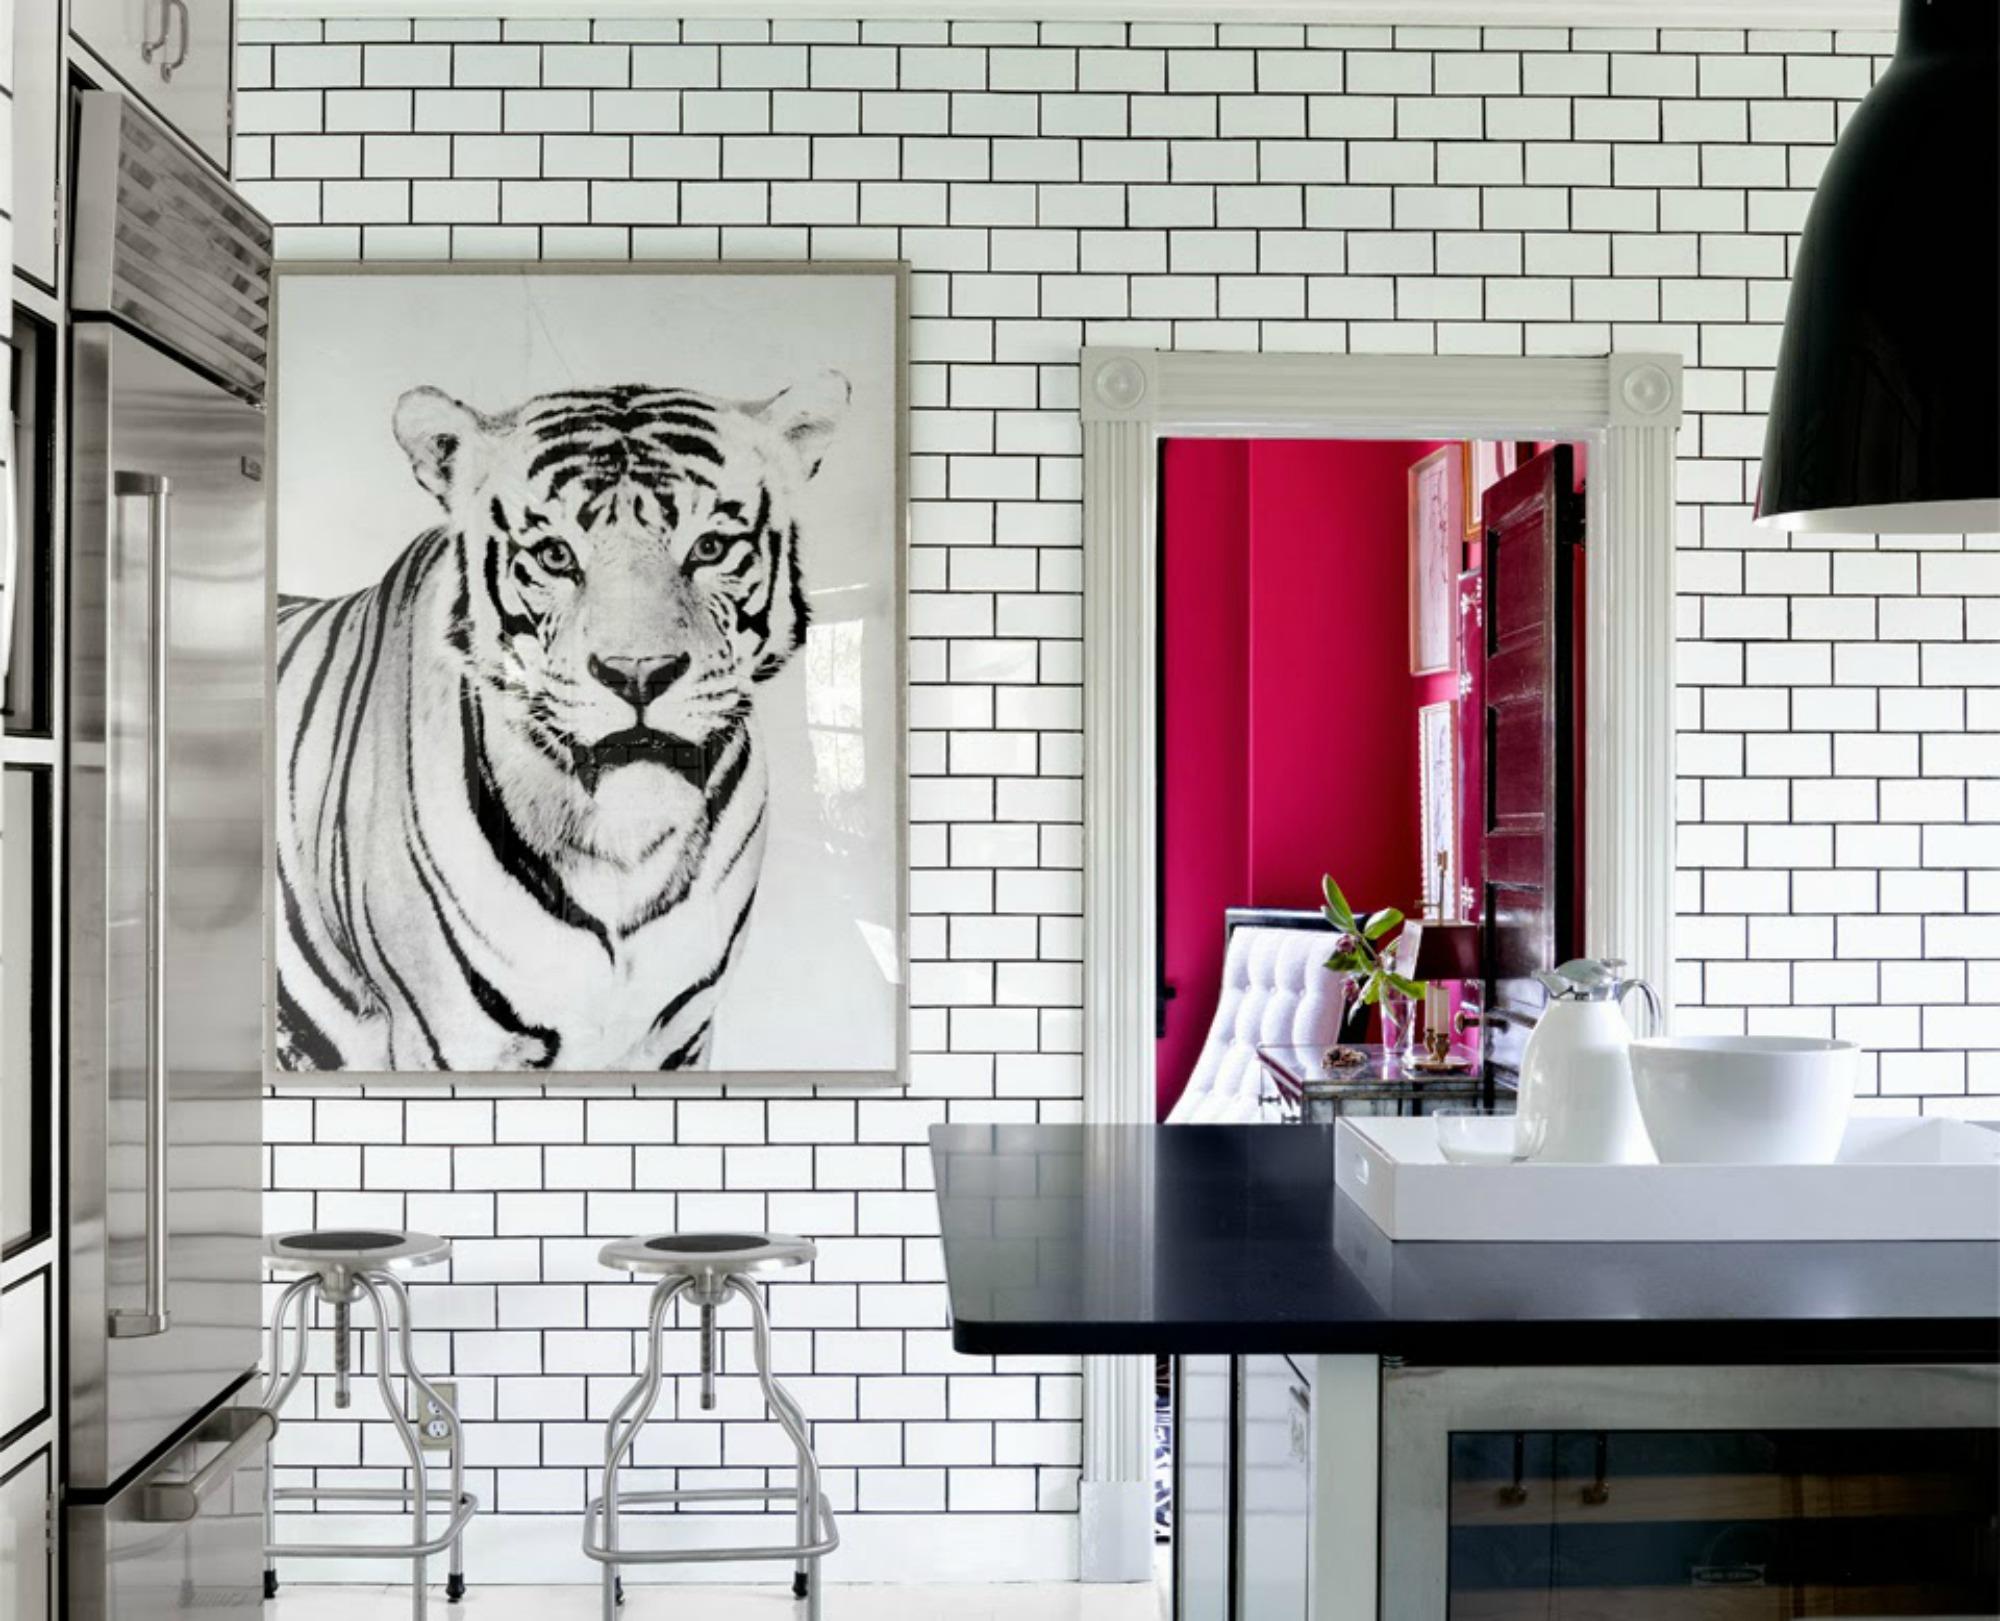 Βάλτε έργα τέχνης στην κουζίνα σας όπως θα κάνατε σε οποιονδήποτε χώρο του σπιτιού. Πλέον η κουζίνα διακοσμείται όπως και οι υπόλοιποι χώροι.